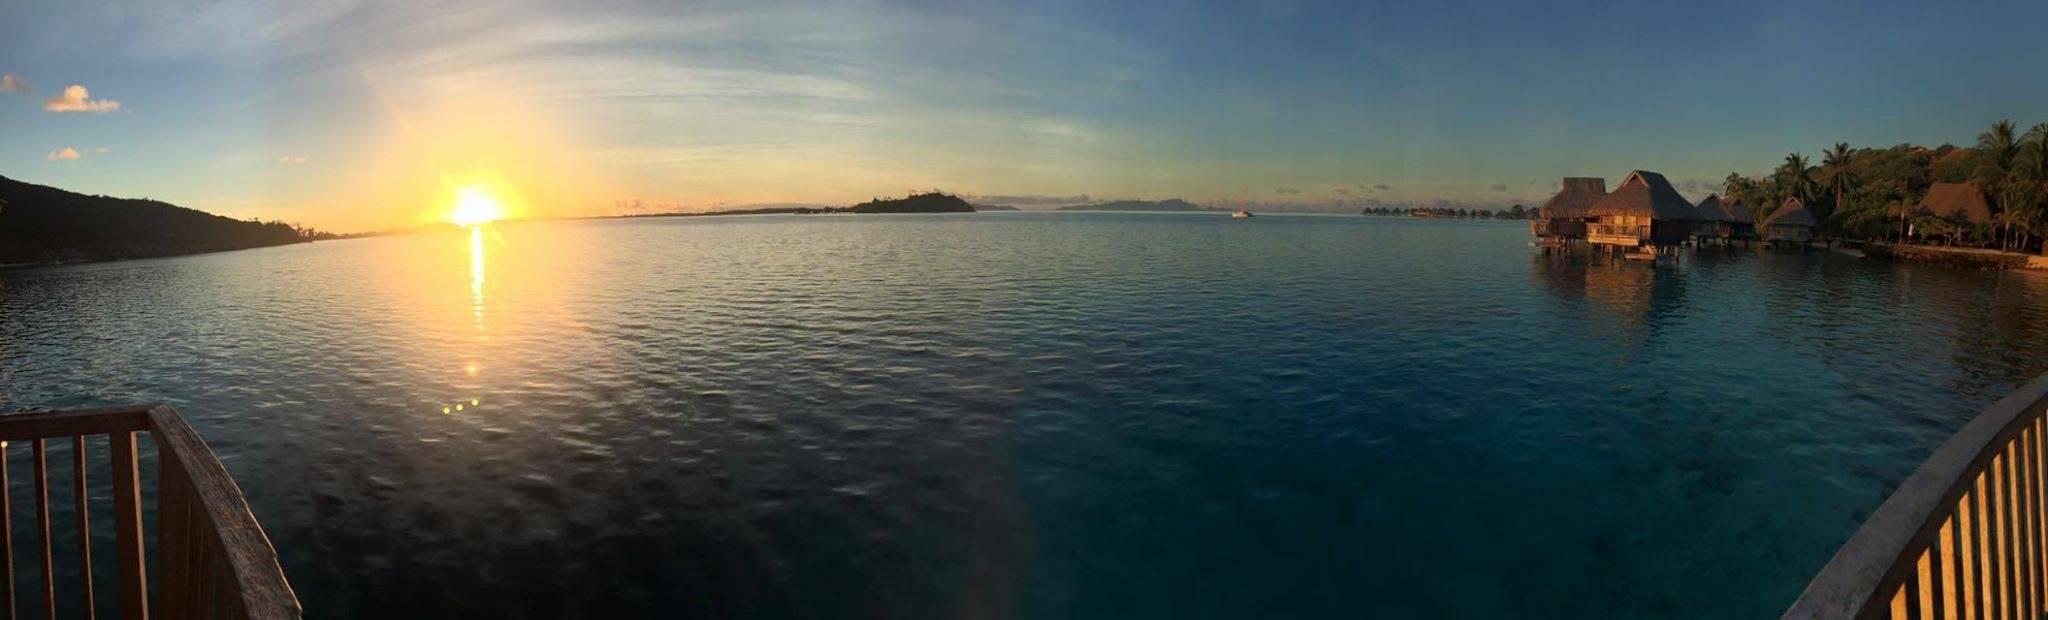 Photo 2: Hôtel Maitai Bora Bora, comme dans un rêve